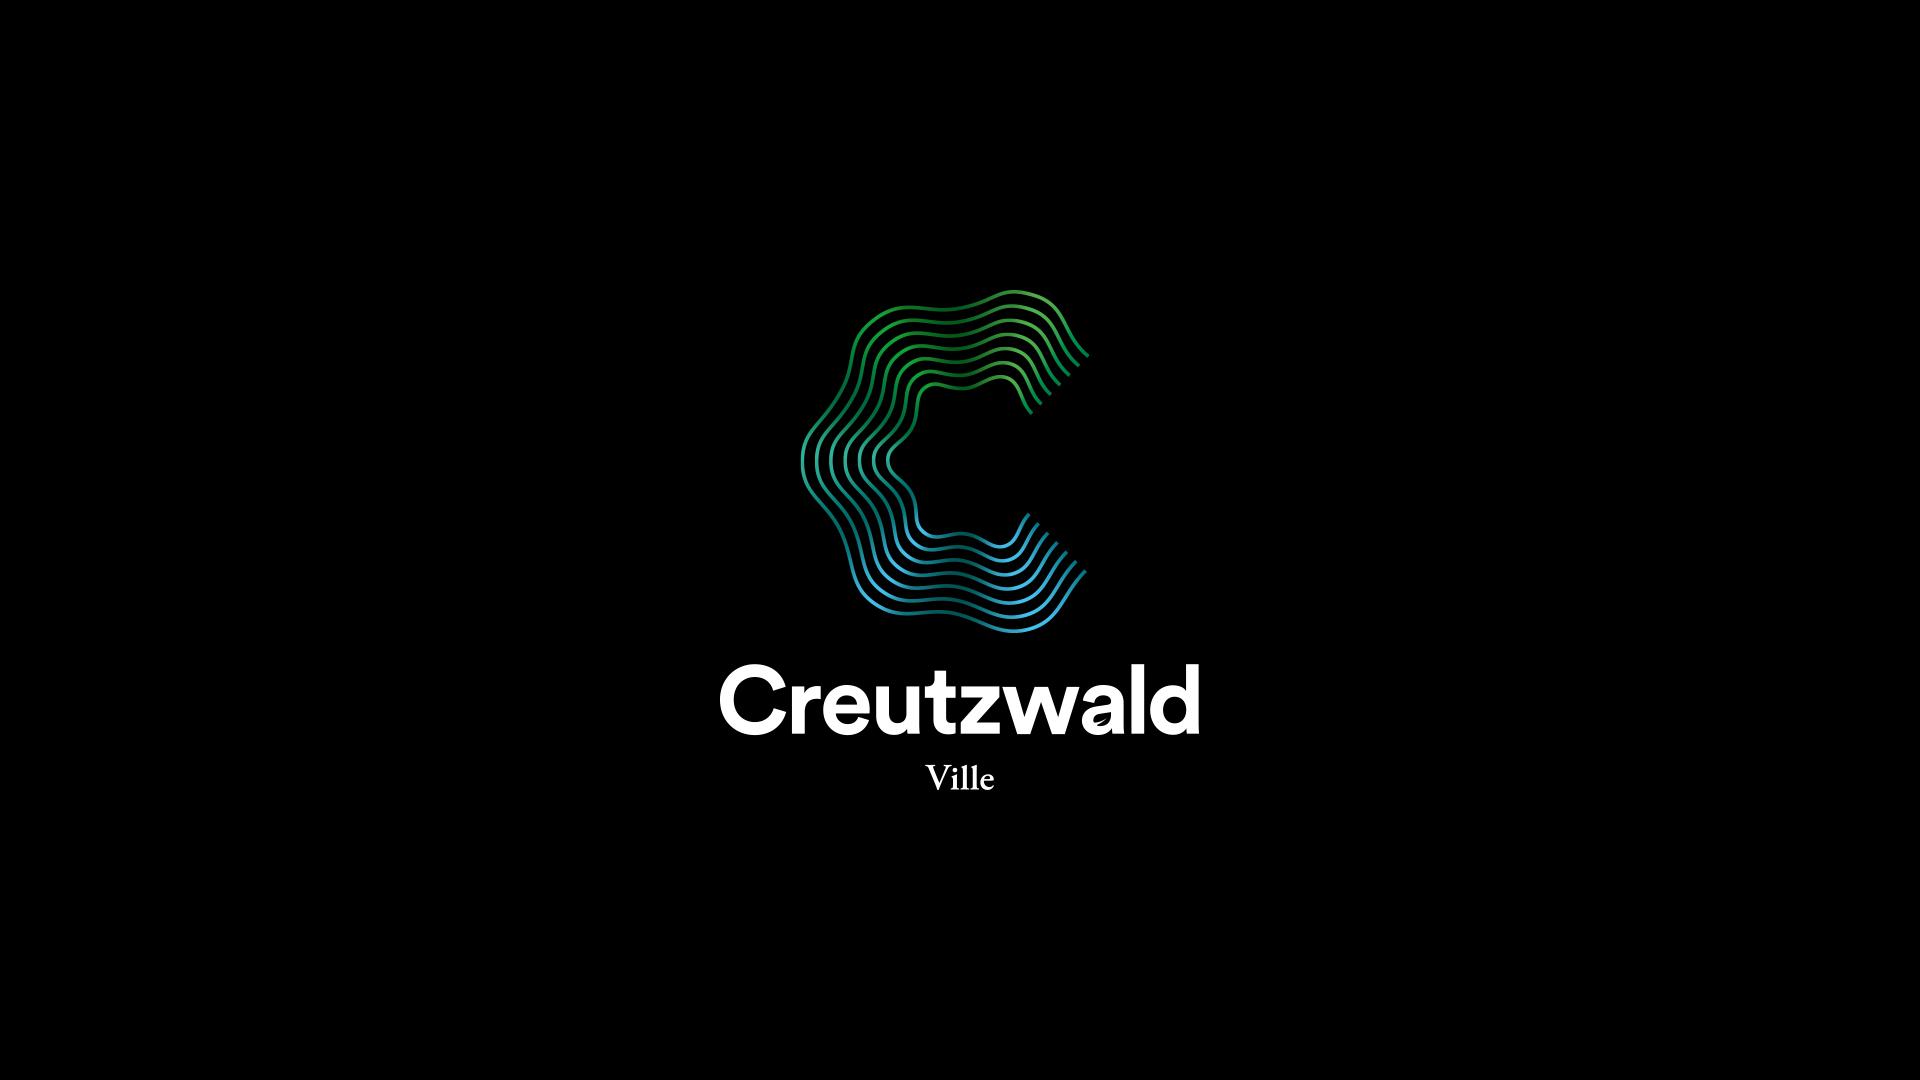 creutzwald-02